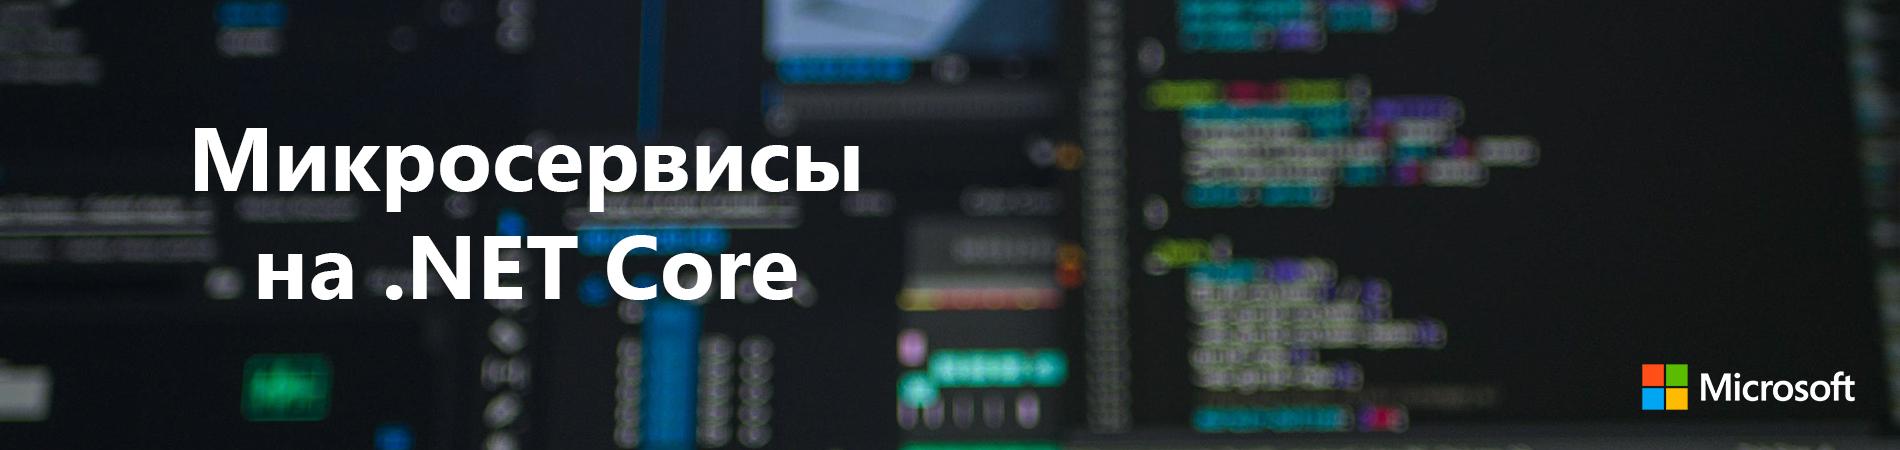 Подборка полезных материалов: Микросервисы на .NET Core